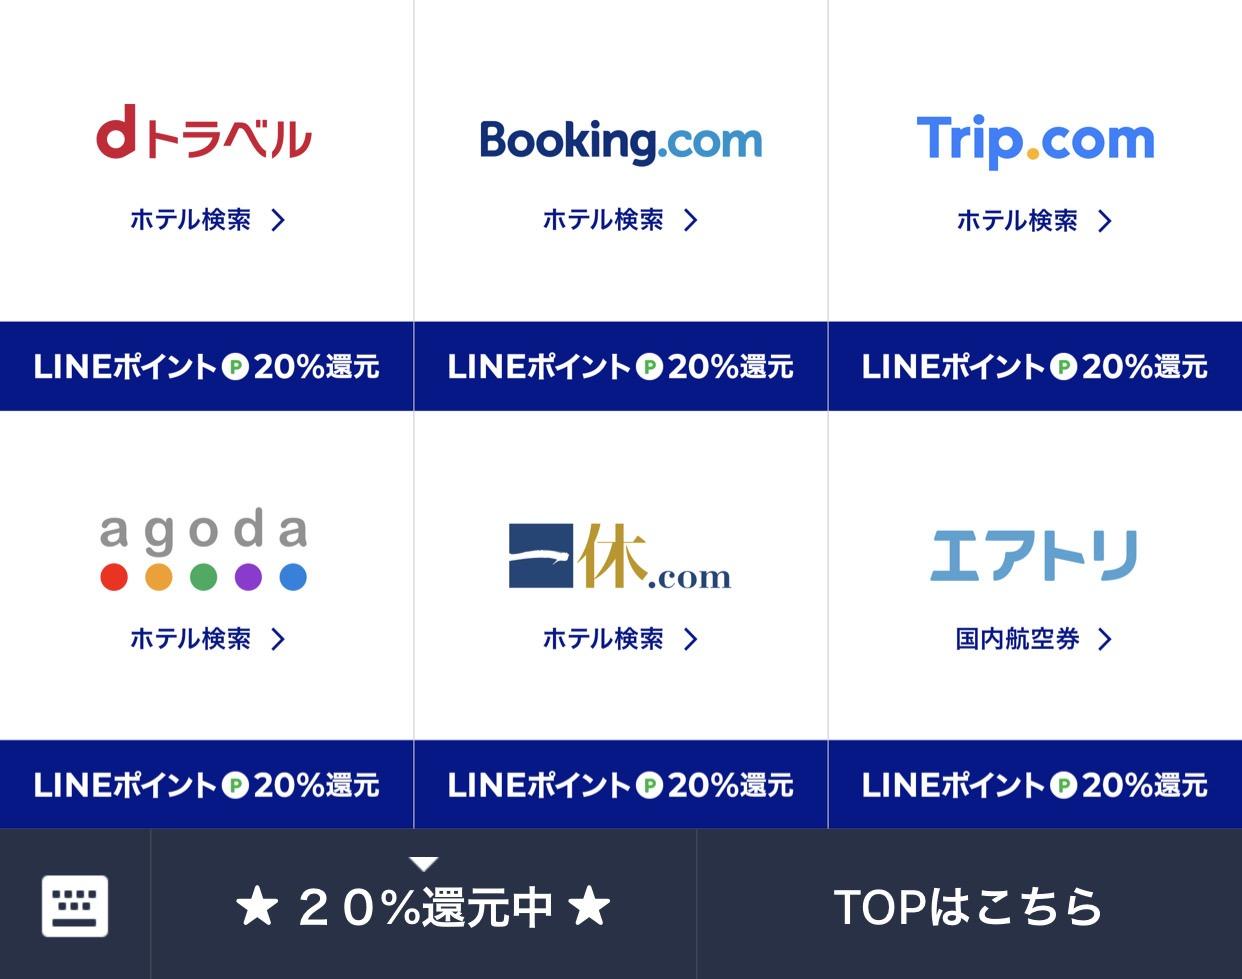 「LINEトラベルjp」ホテル予約や国内航空券予約で20%ポイント還元!